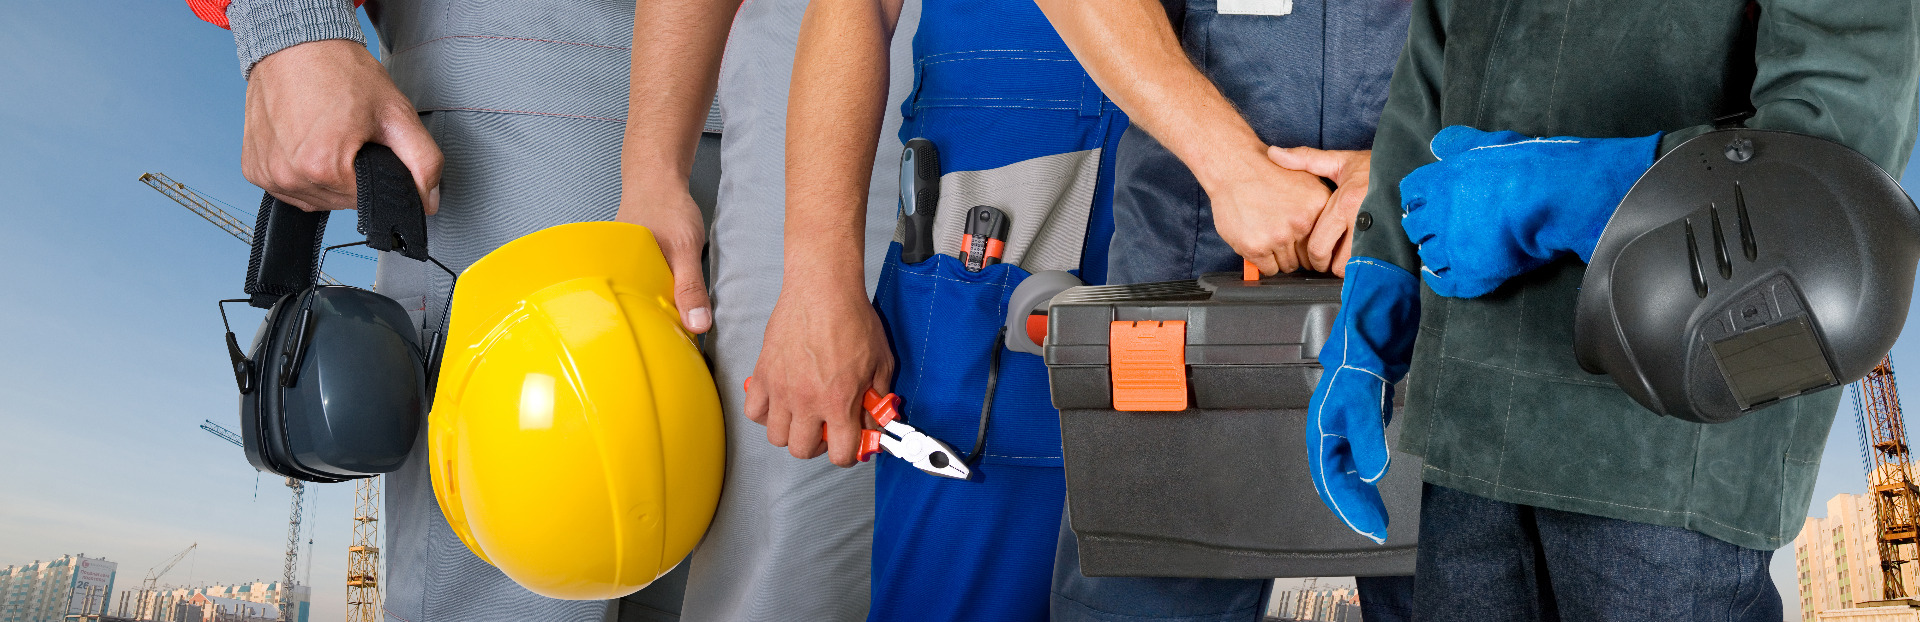 Wir schaffen mehr Sicherheit am Arbeitsplatz